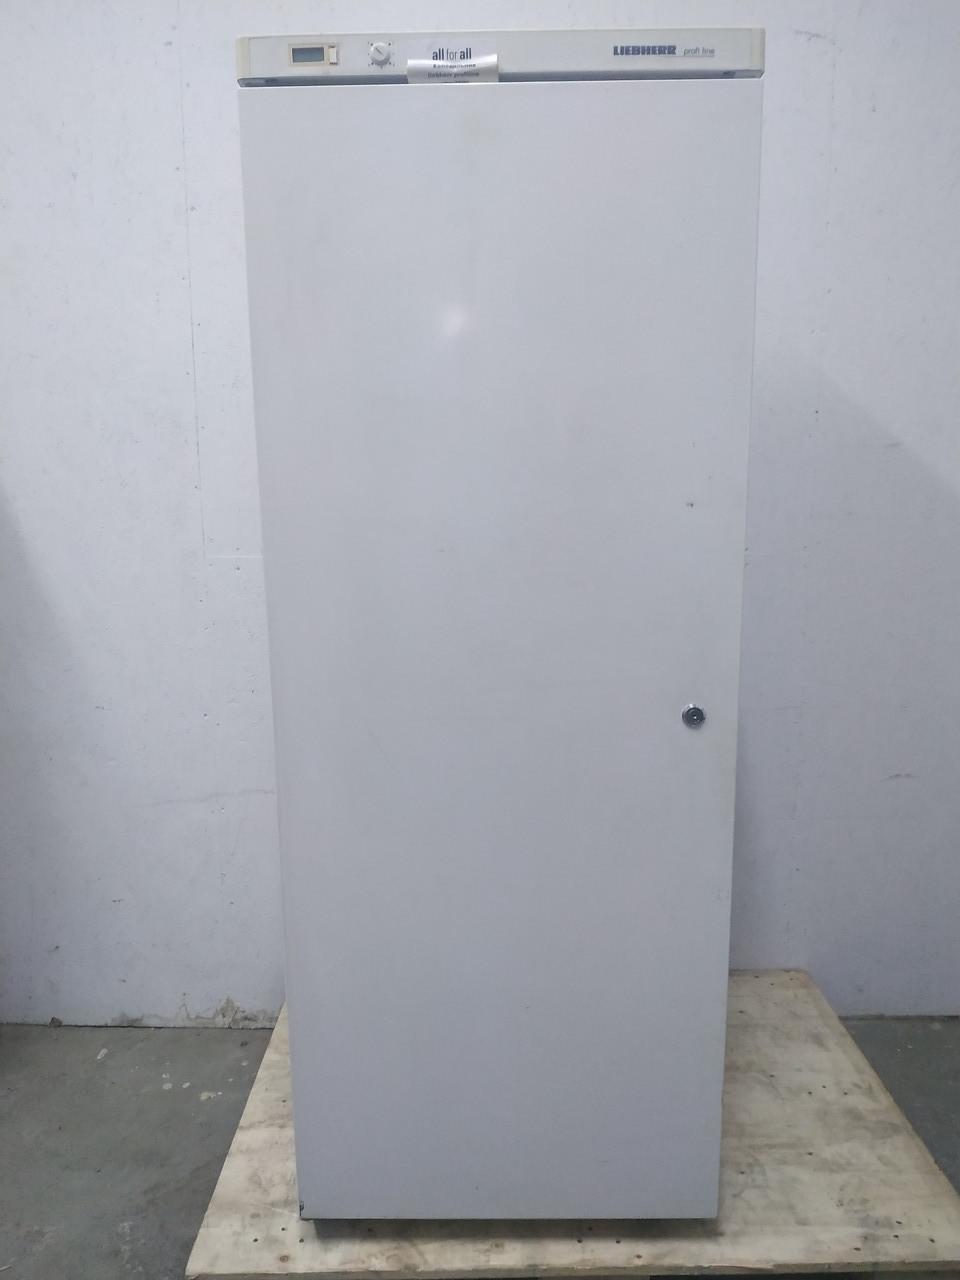 Холодильный шкаф Liebherr UKS 3600  (Германия) б у холодильник, фото 1